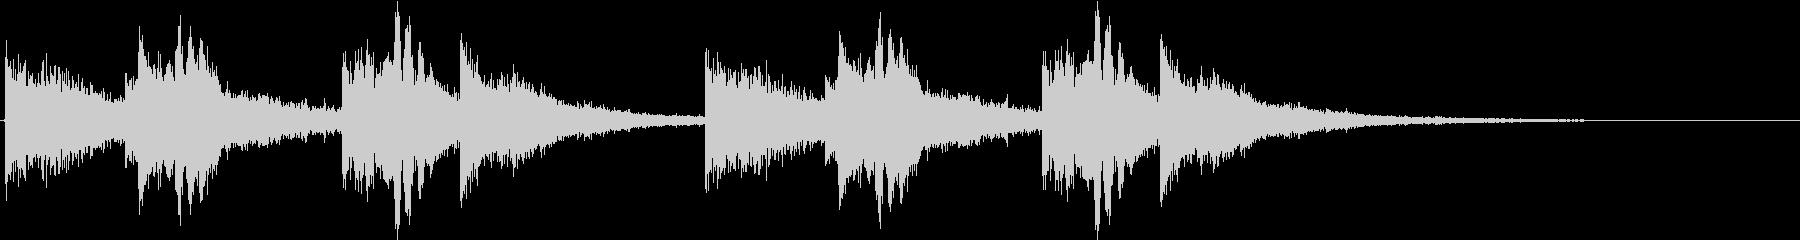 「ドーン・カーン」恐怖を感じる金属音の未再生の波形